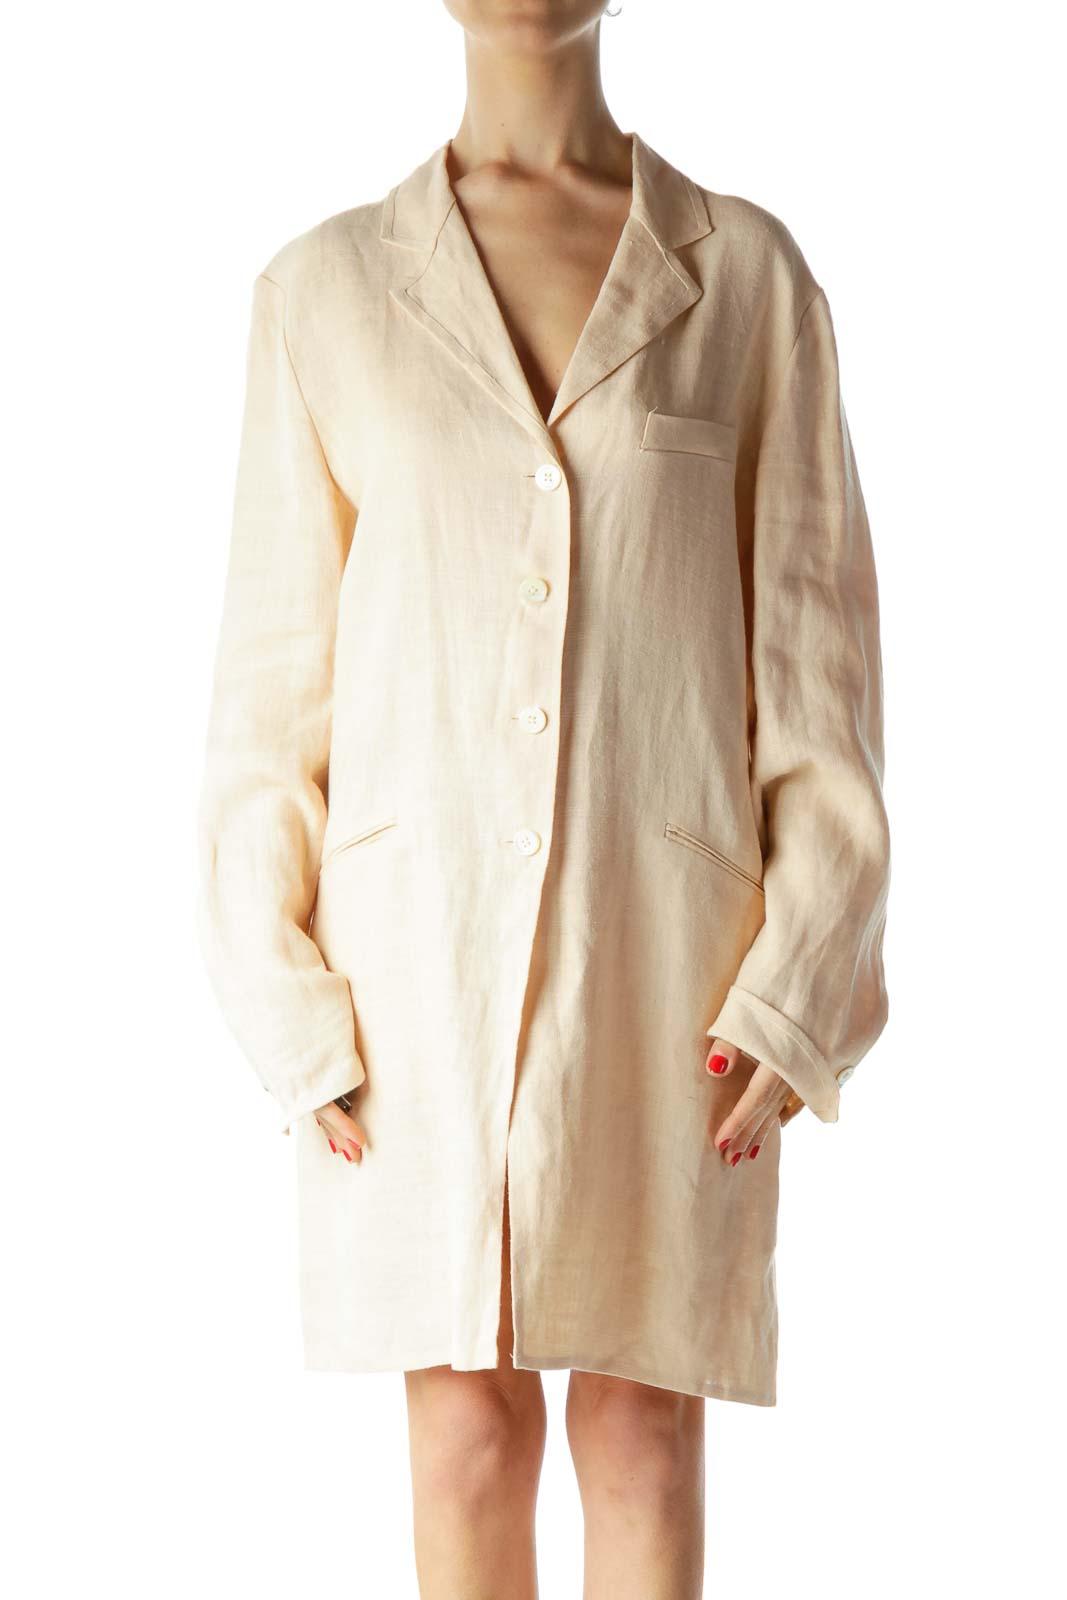 Coral Pink 100% Linen Long Knit Blazer